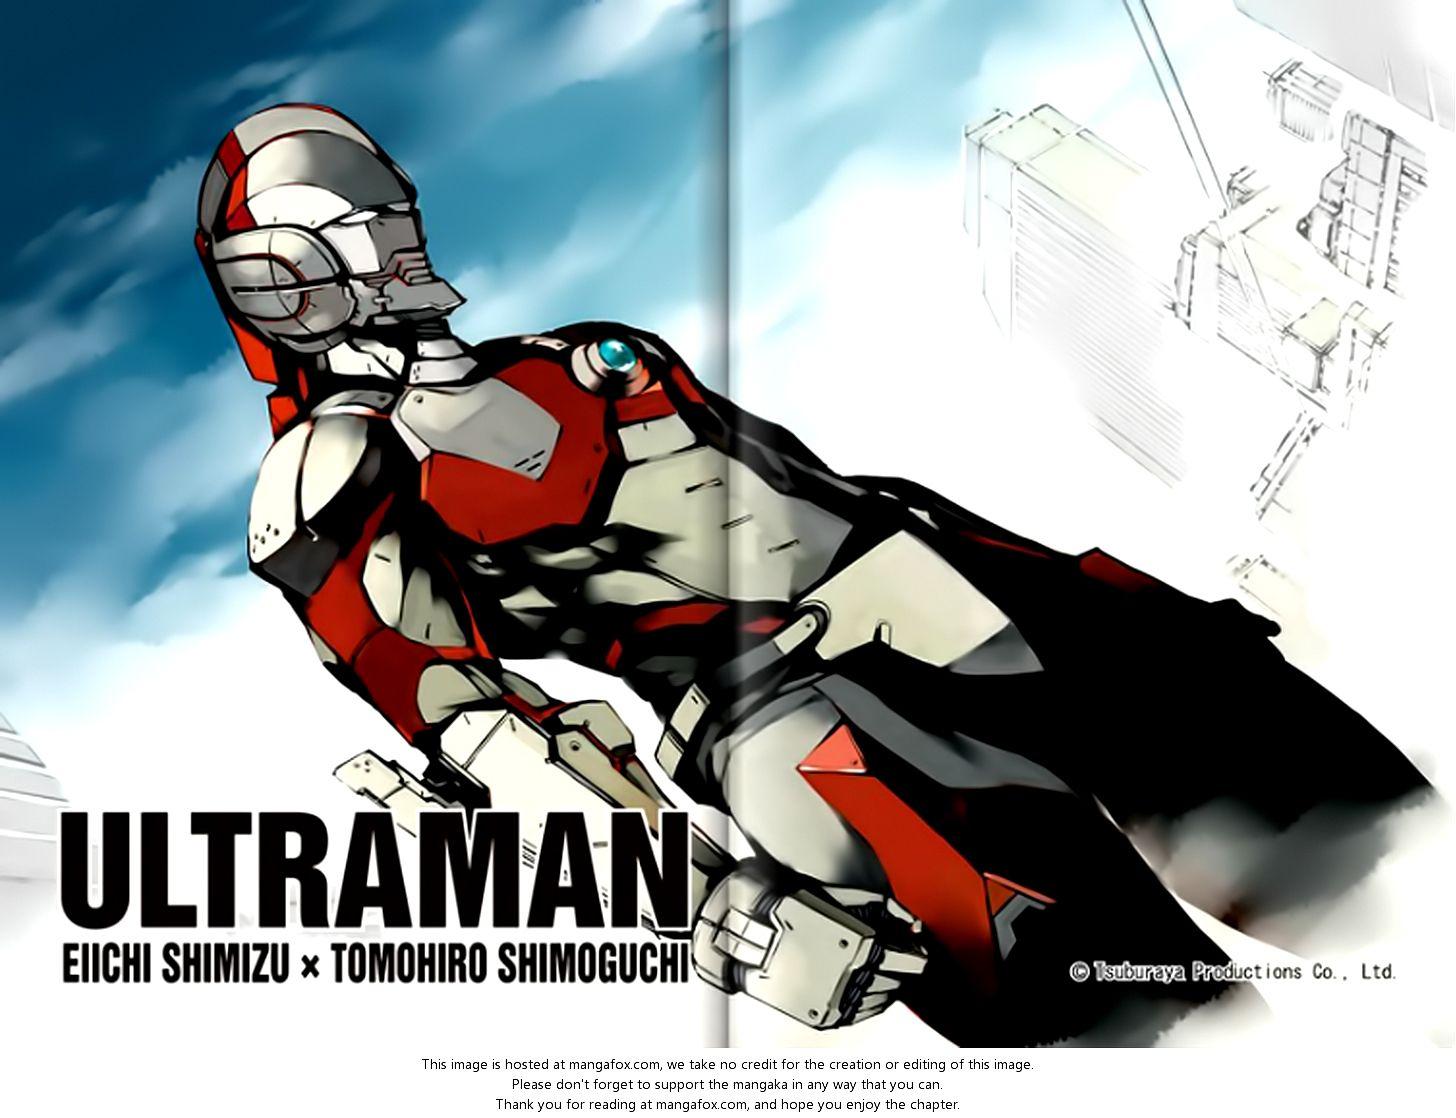 Ultraman Cartoon Ultraman Chapter Ch.1 Popular anime